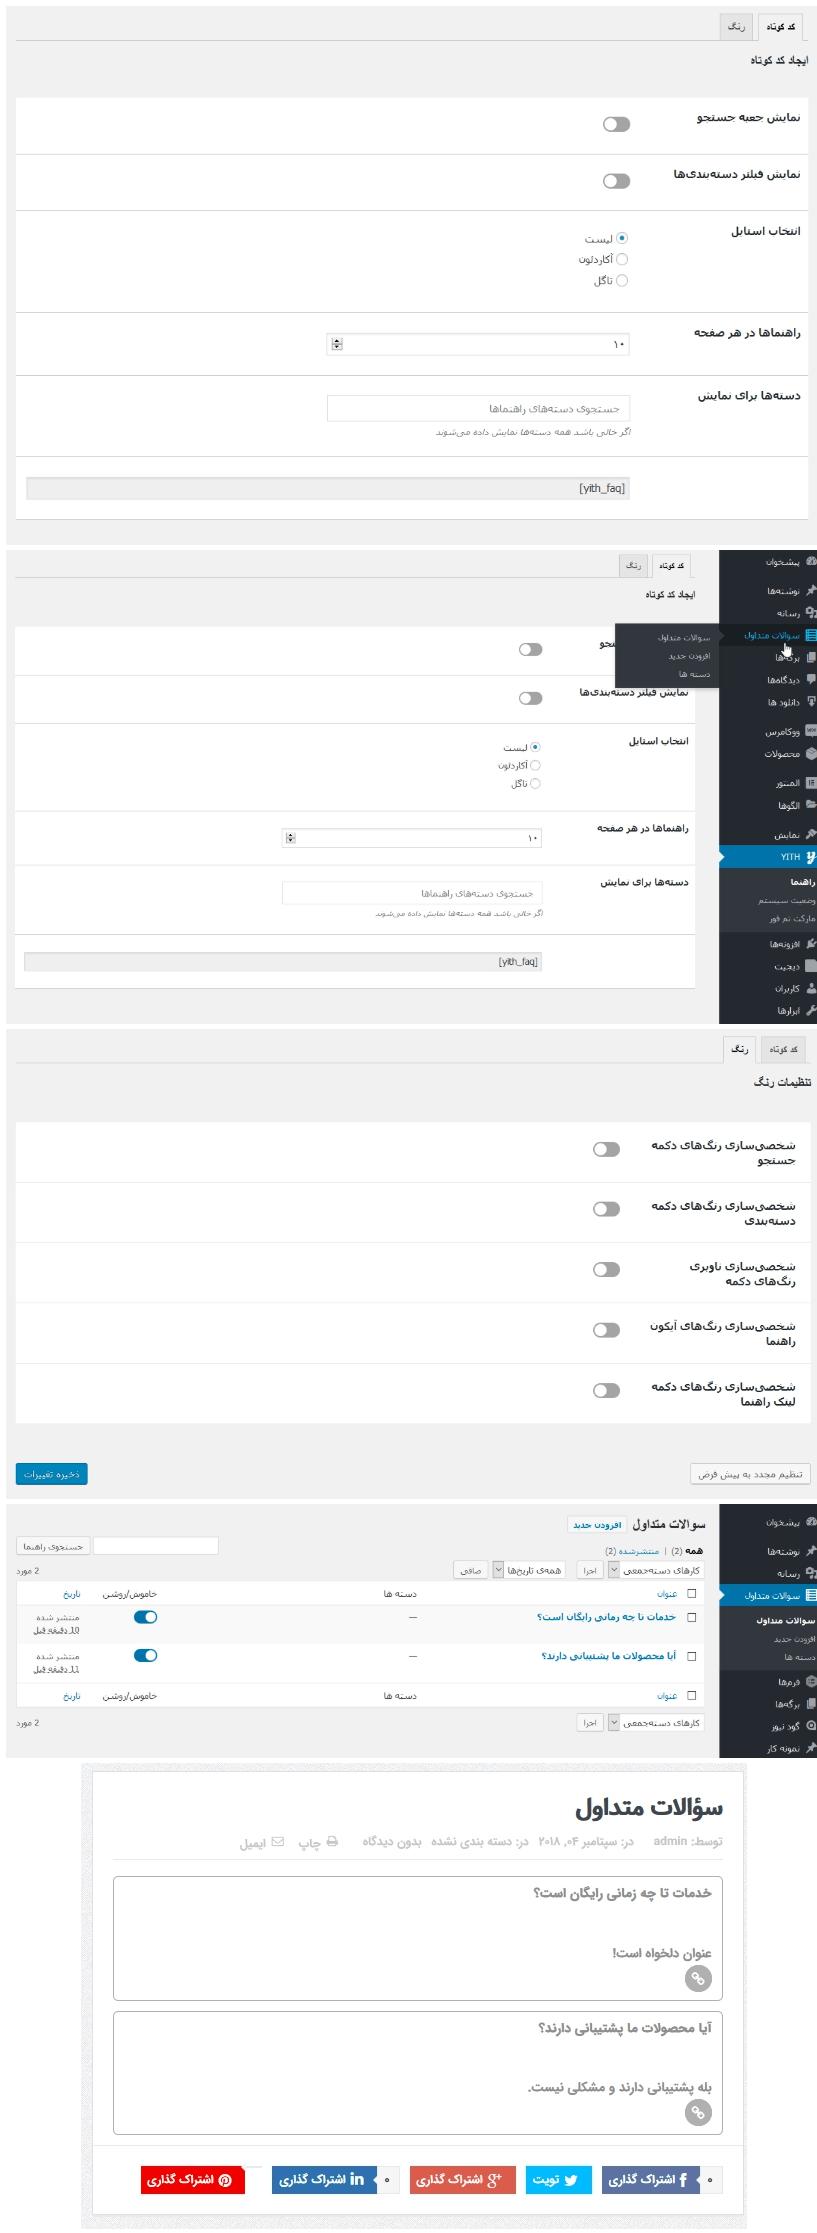 افزونه WooCommerce FAQ Plugin سوالات متداول وردپرس